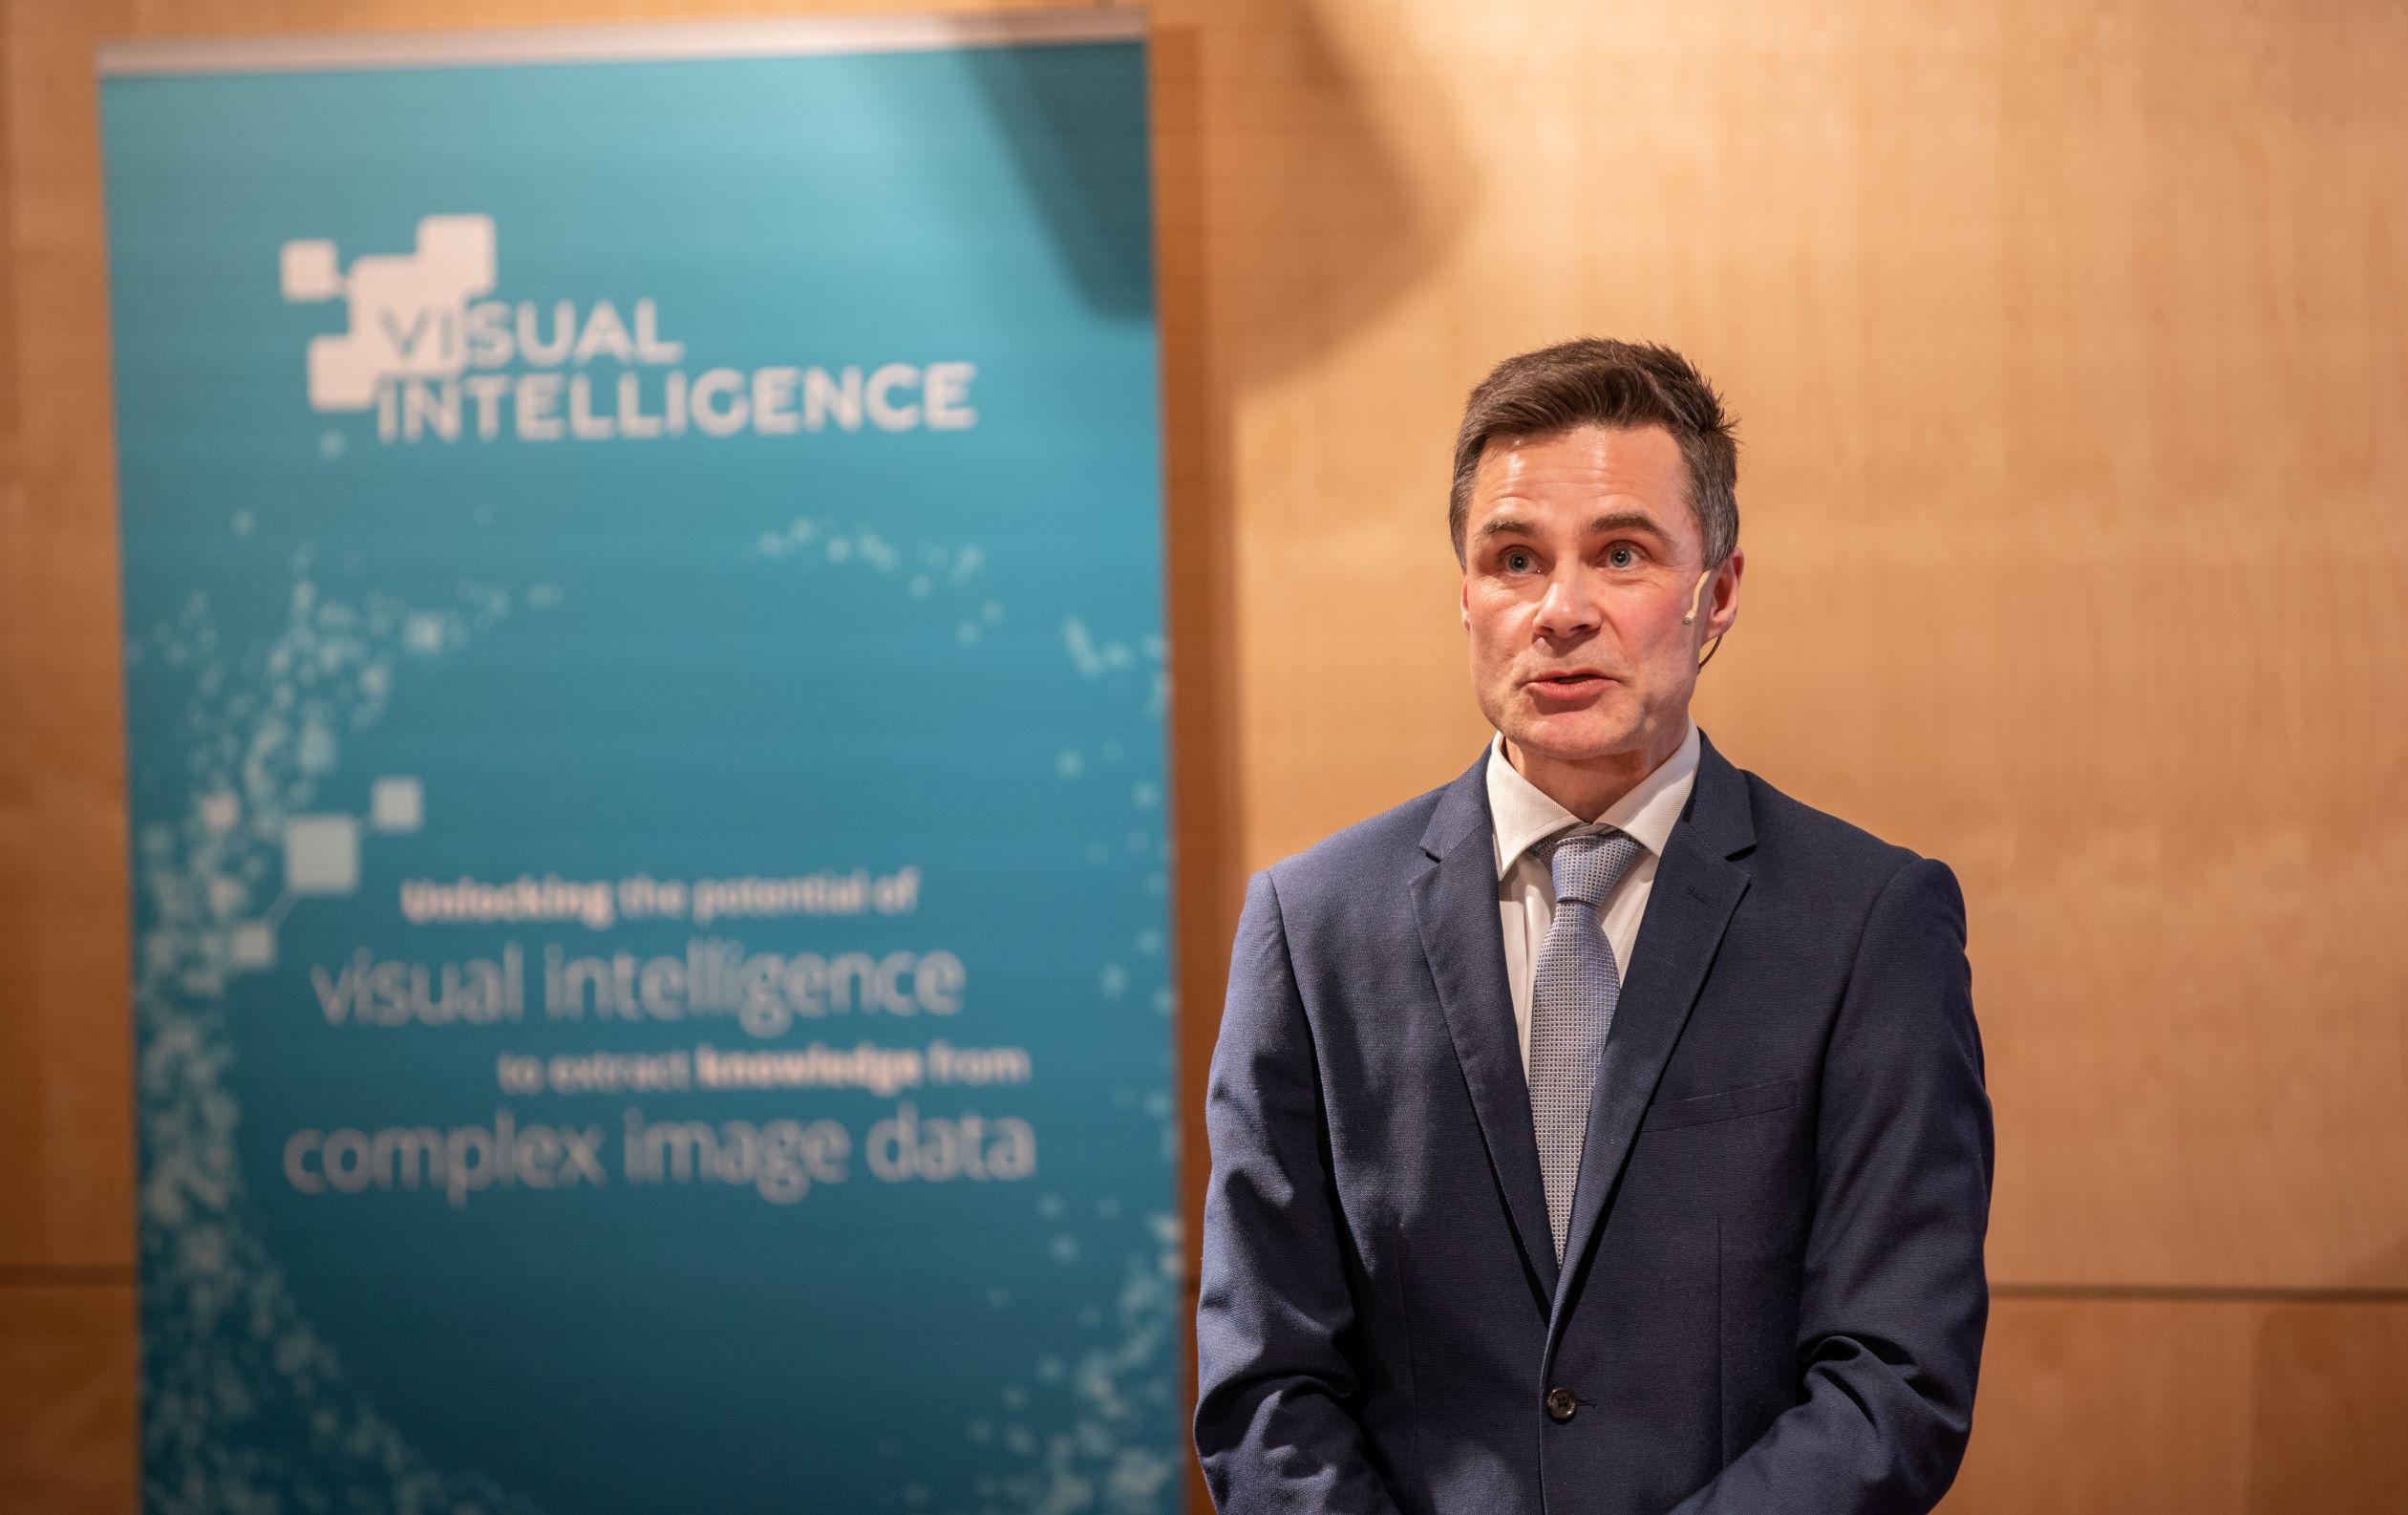 Robert Jenssen at the opening of SFI Visual Intelligence. PHOTO: JONATAN OTTESEN / UIT